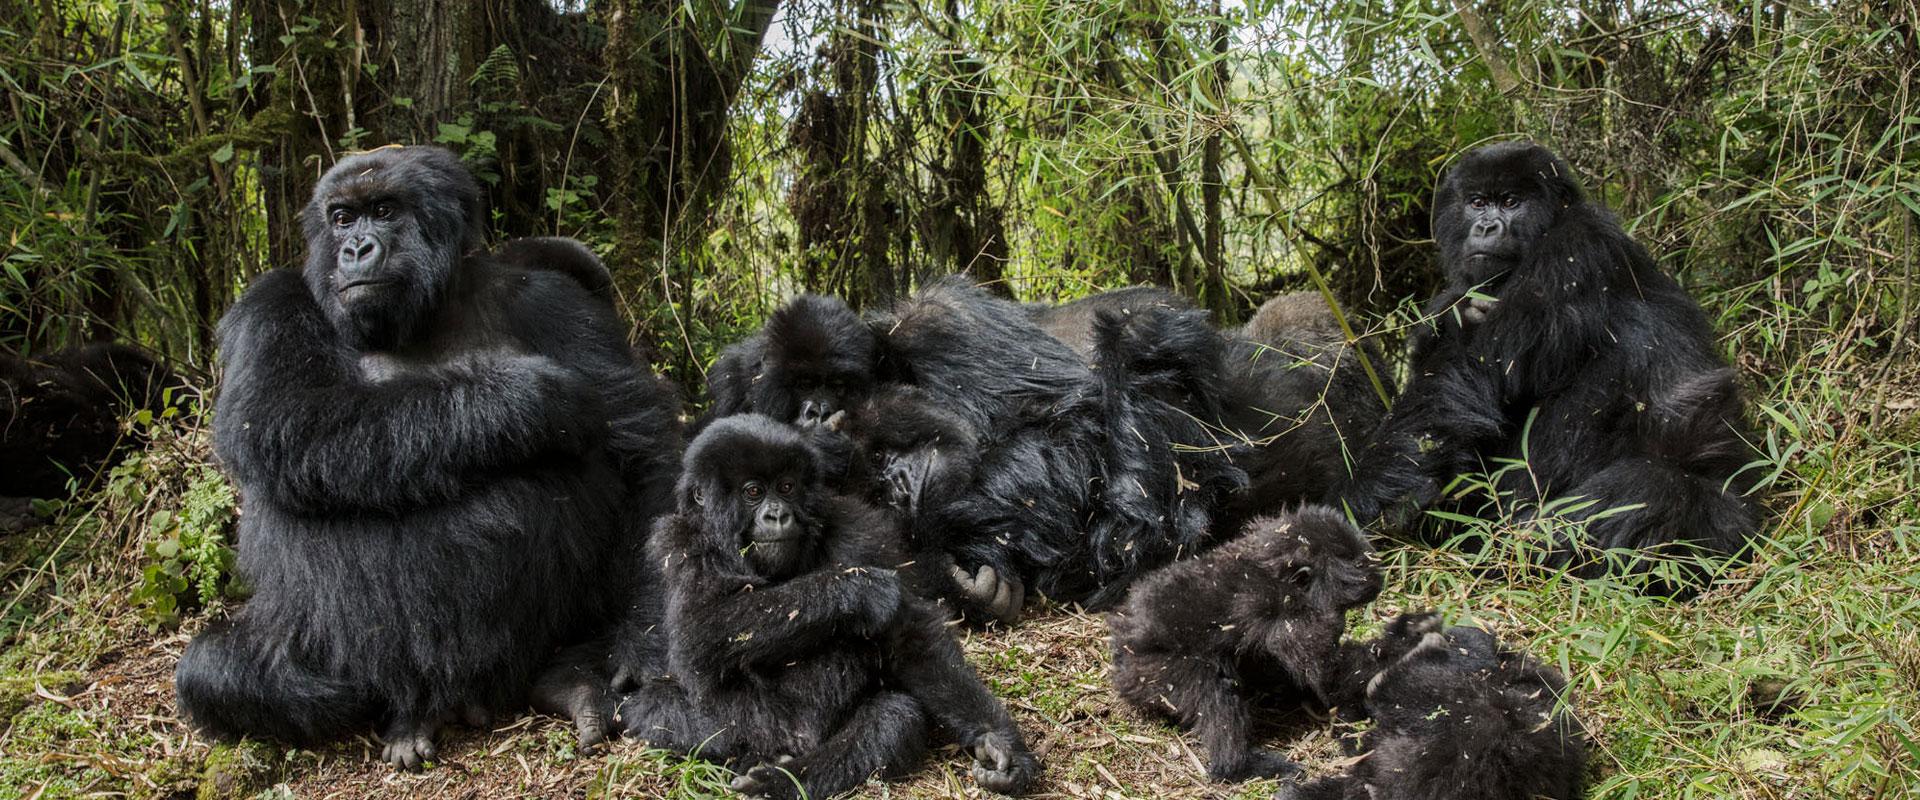 Gorilla-Habituatio-center